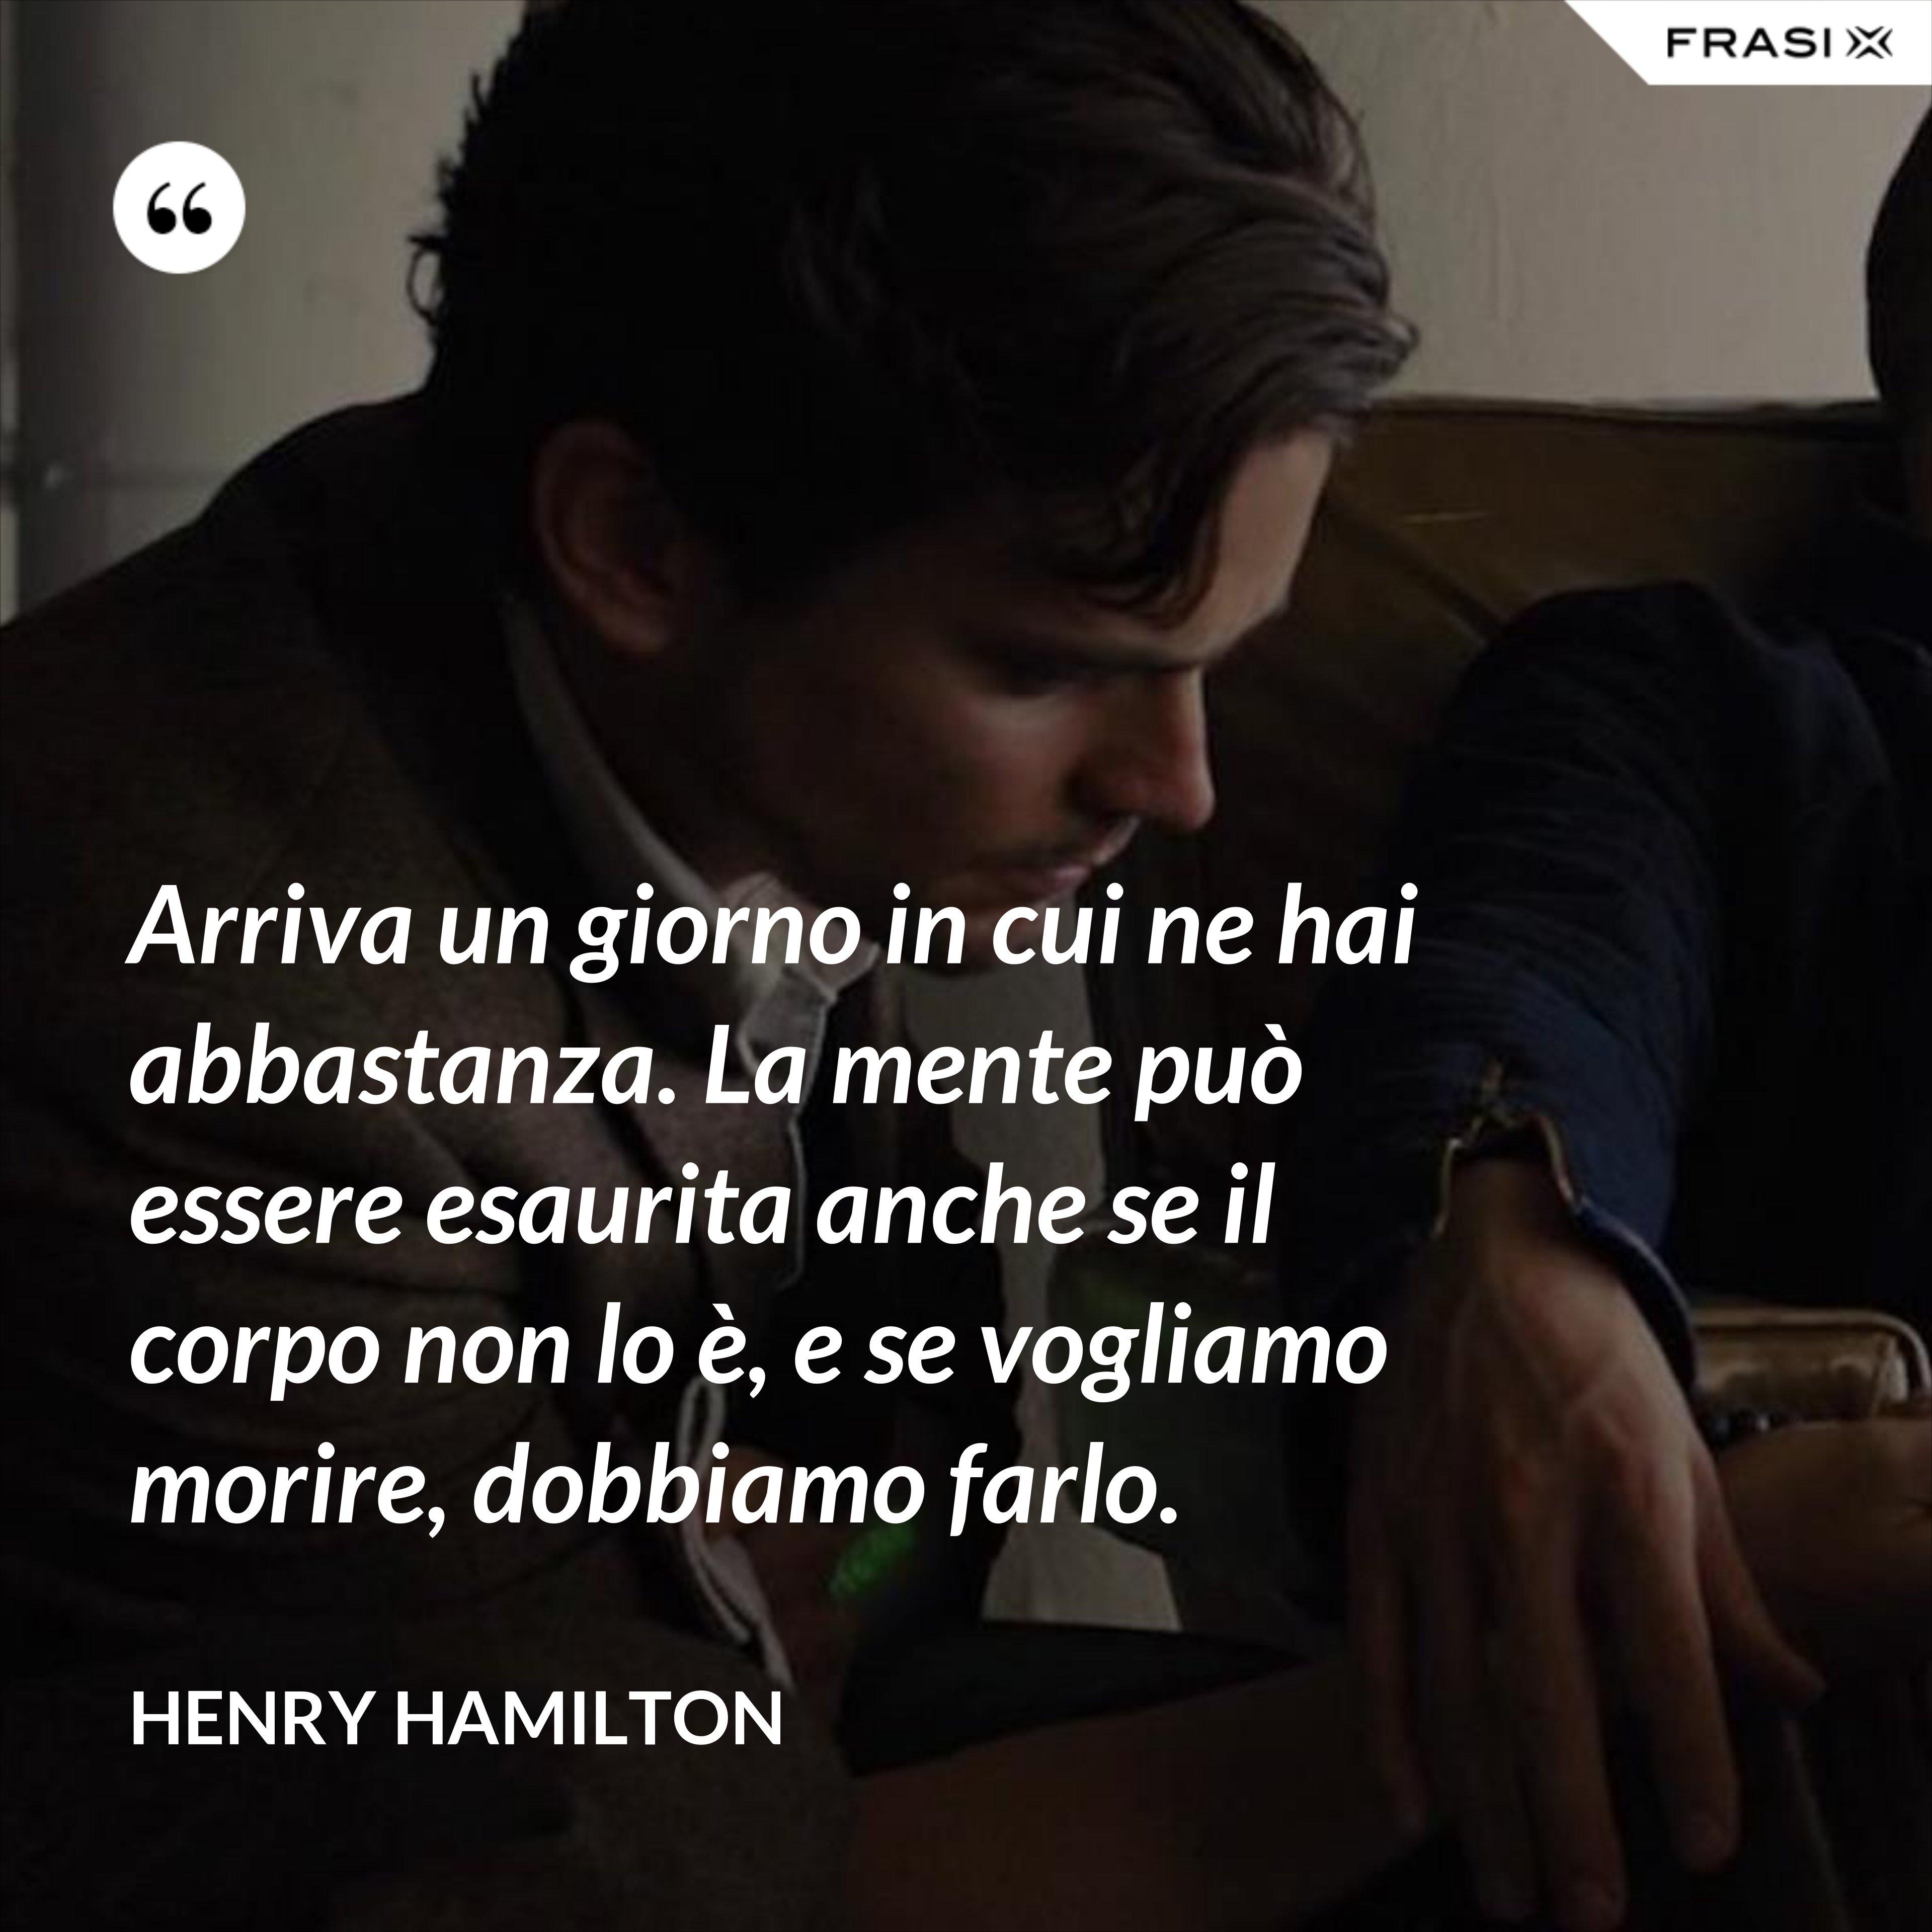 Arriva un giorno in cui ne hai abbastanza. La mente può essere esaurita anche se il corpo non lo è, e se vogliamo morire, dobbiamo farlo. - Henry Hamilton